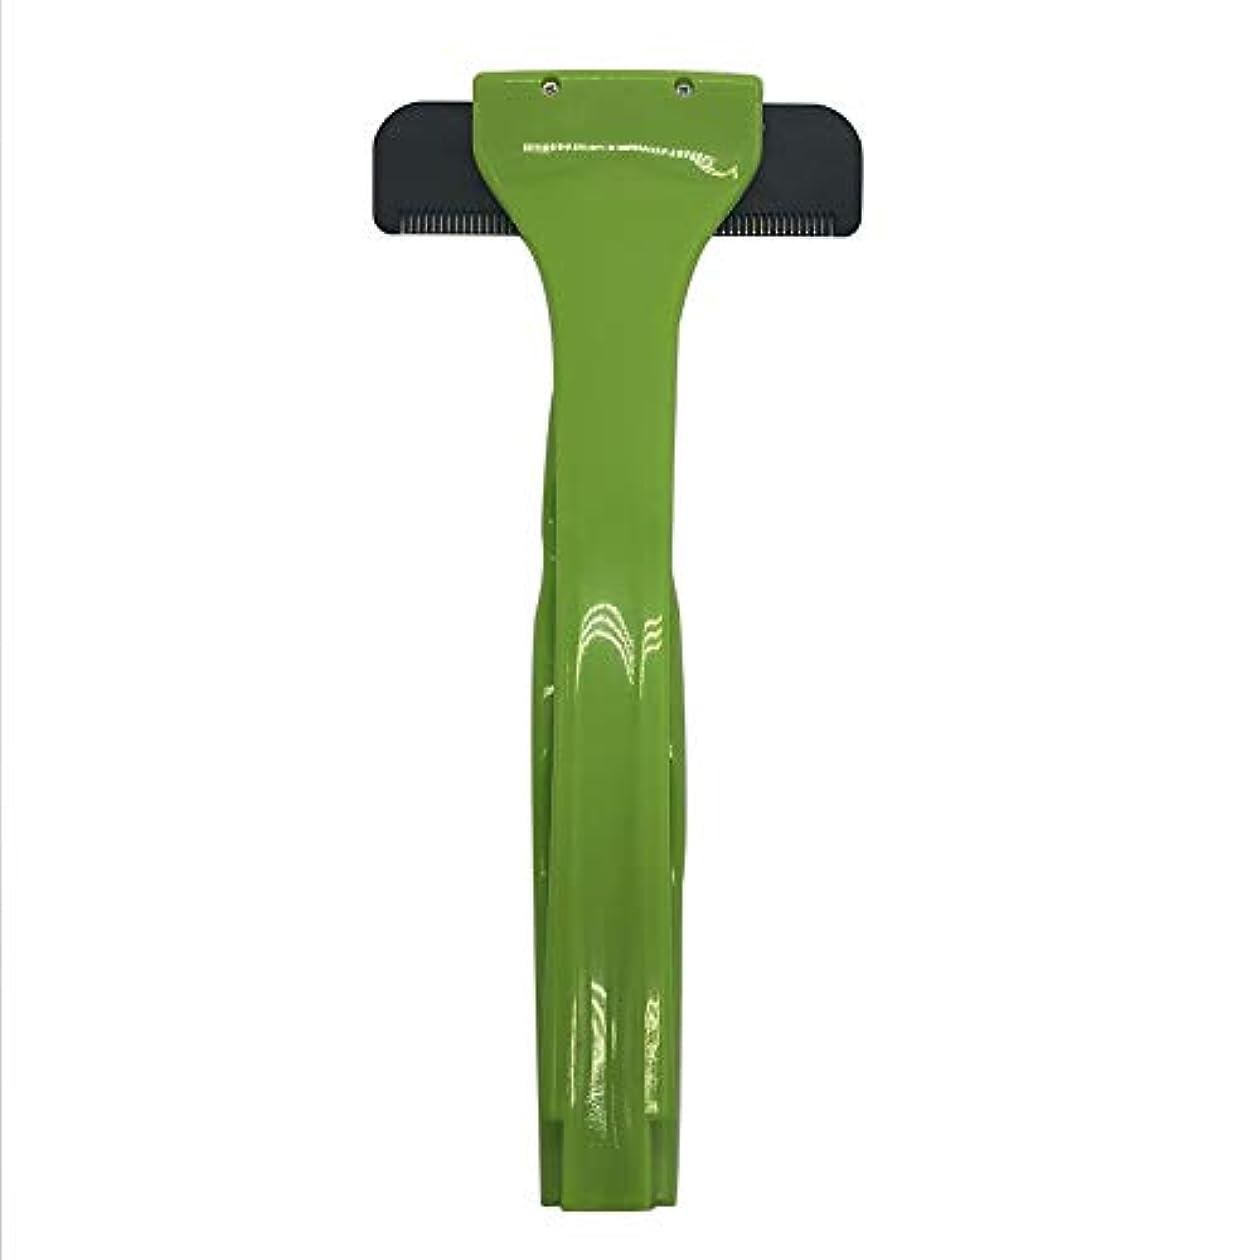 ひそかに驚動機バックヘアーボディシェーバーかみそり、2019年更新バージョン拡張滑走剃刀安全スリップ防止ハンドル付きスリップ防止ハンドル